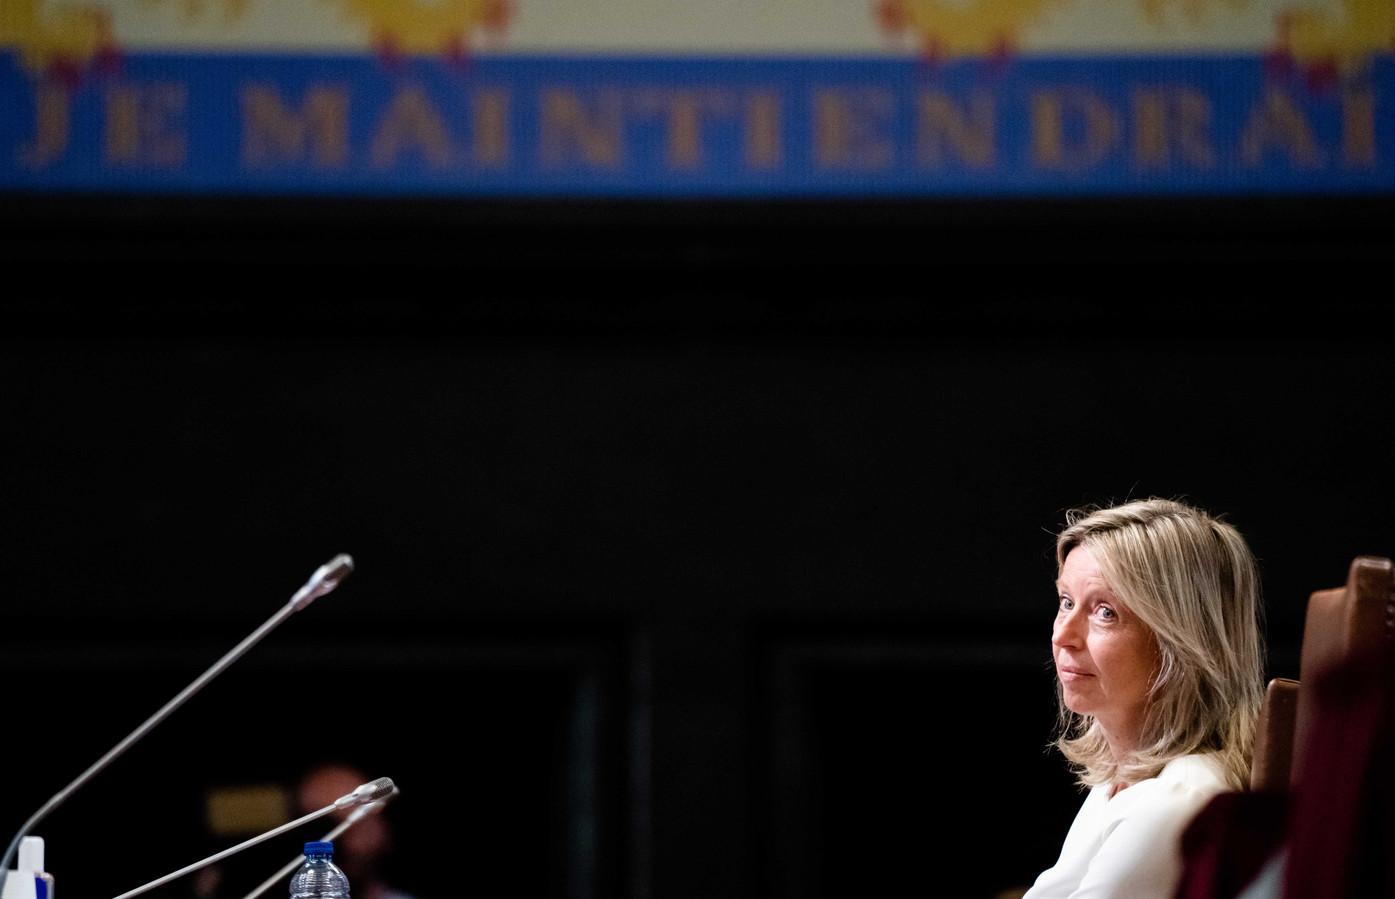 Minister Kajsa Ollongeren vanmiddag in de Eerste Kamer